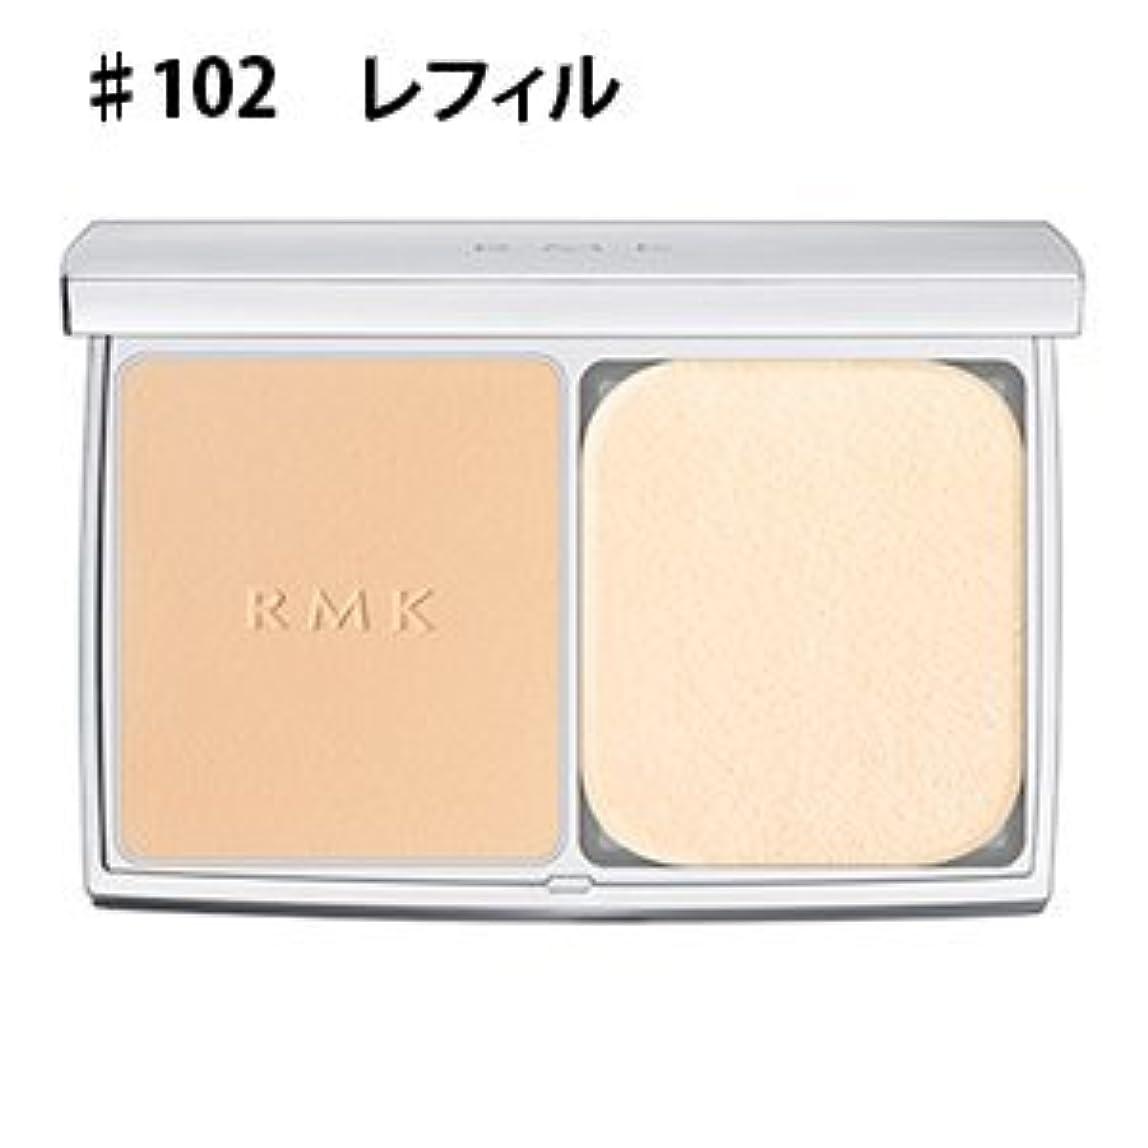 ブラケット代替休み【RMK ファンデーション】RMK UV ファンデーション レフィル #102 【並行輸入品】